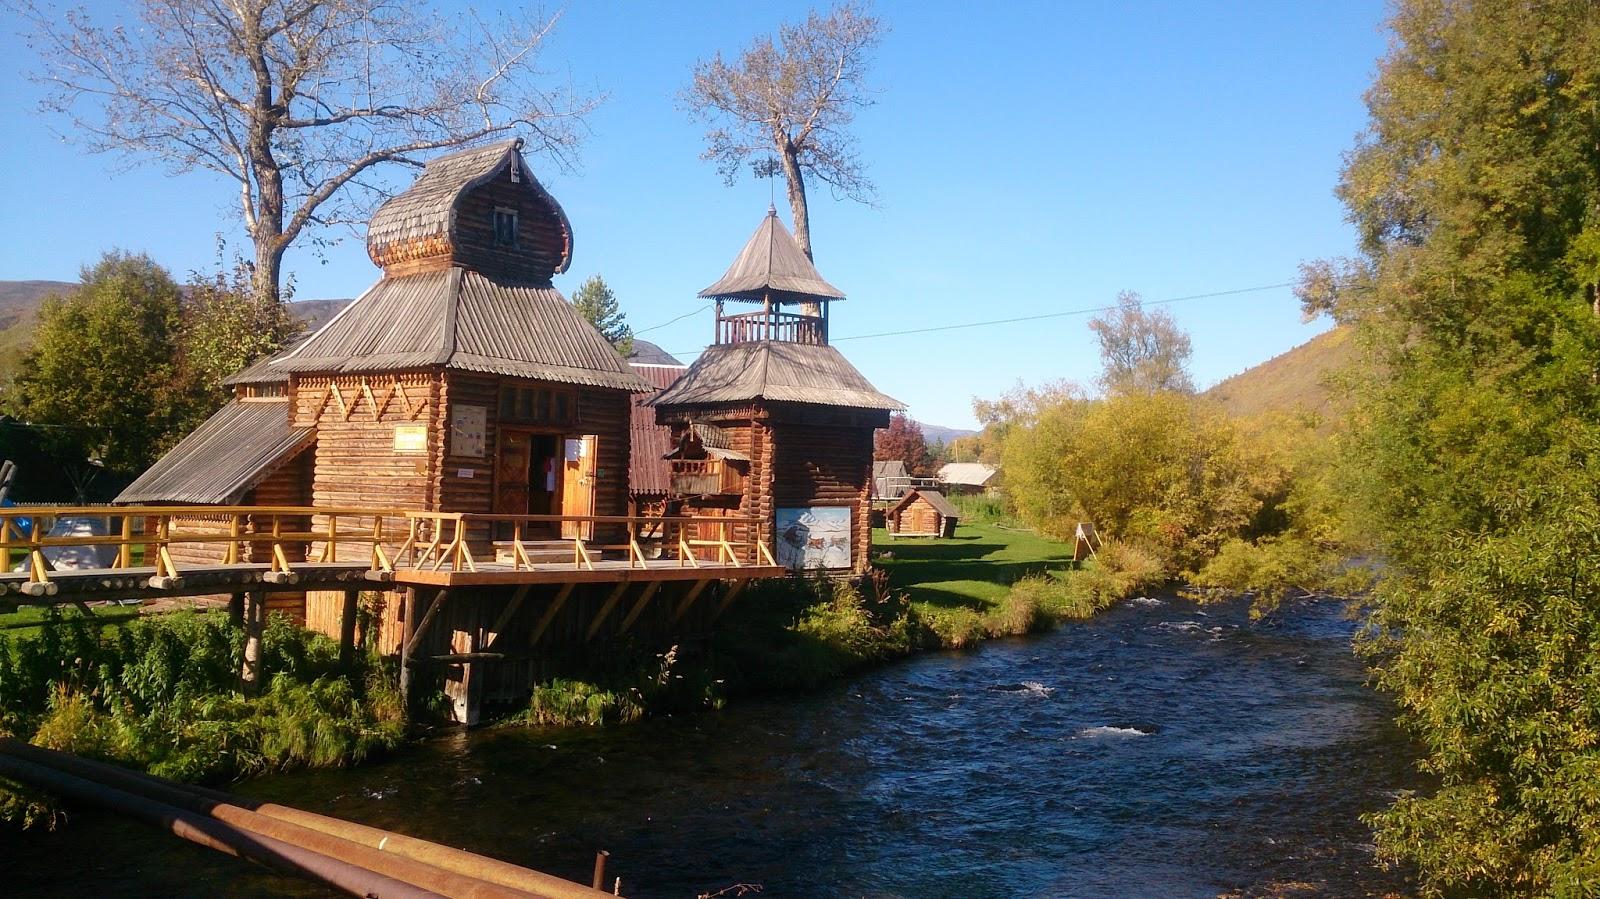 Esso village